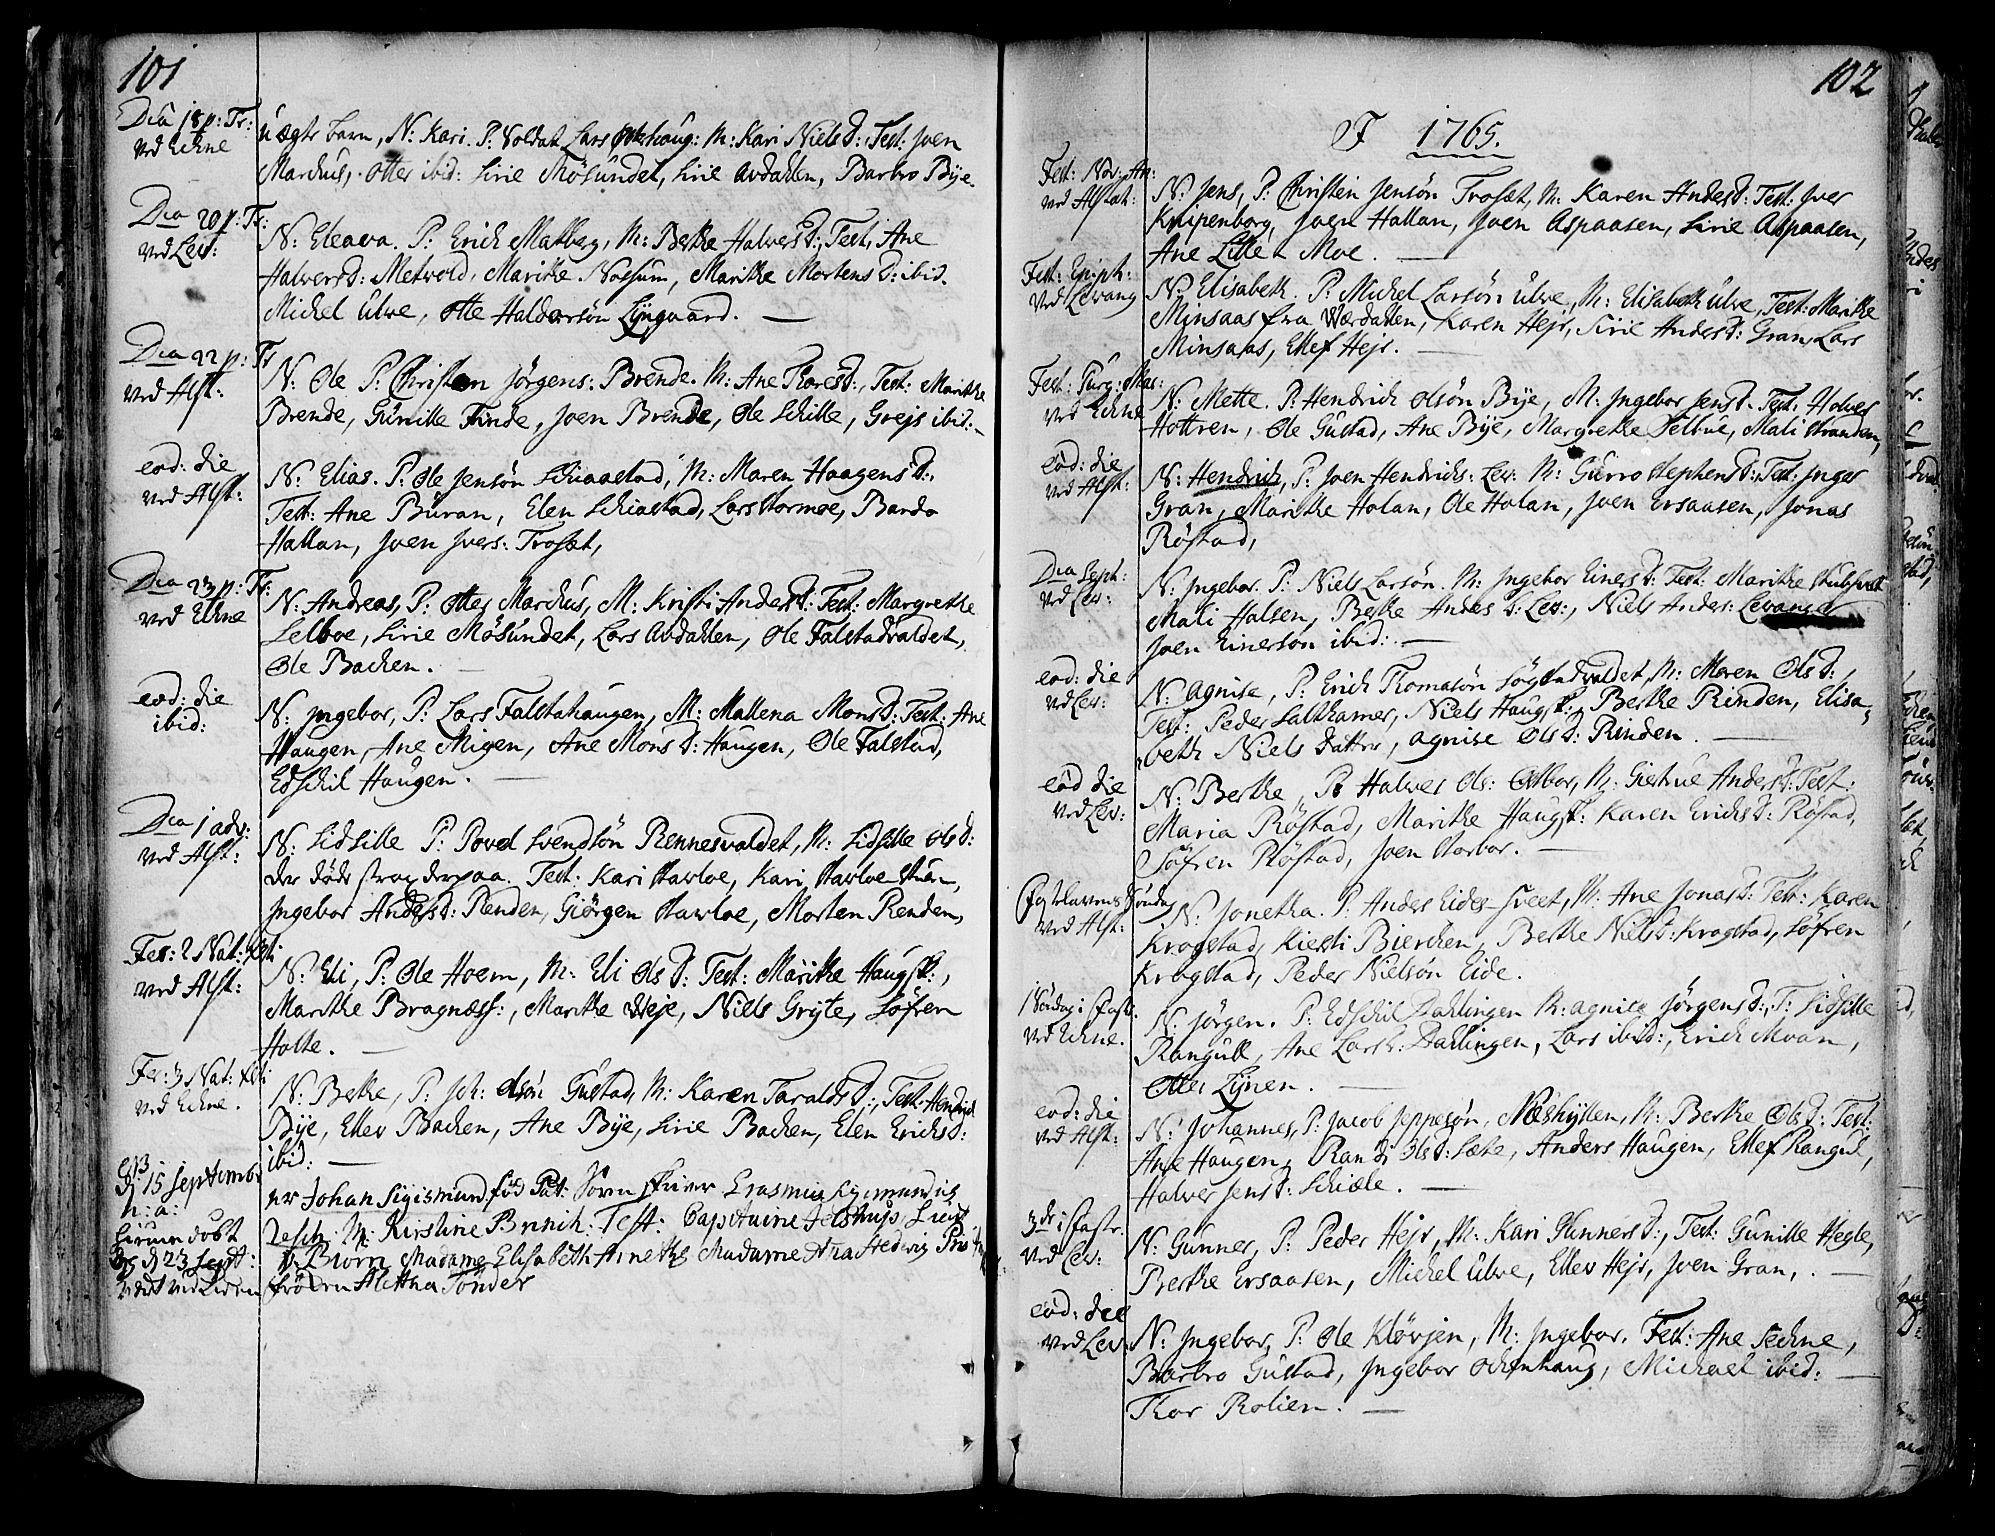 SAT, Ministerialprotokoller, klokkerbøker og fødselsregistre - Nord-Trøndelag, 717/L0141: Ministerialbok nr. 717A01, 1747-1803, s. 101-102